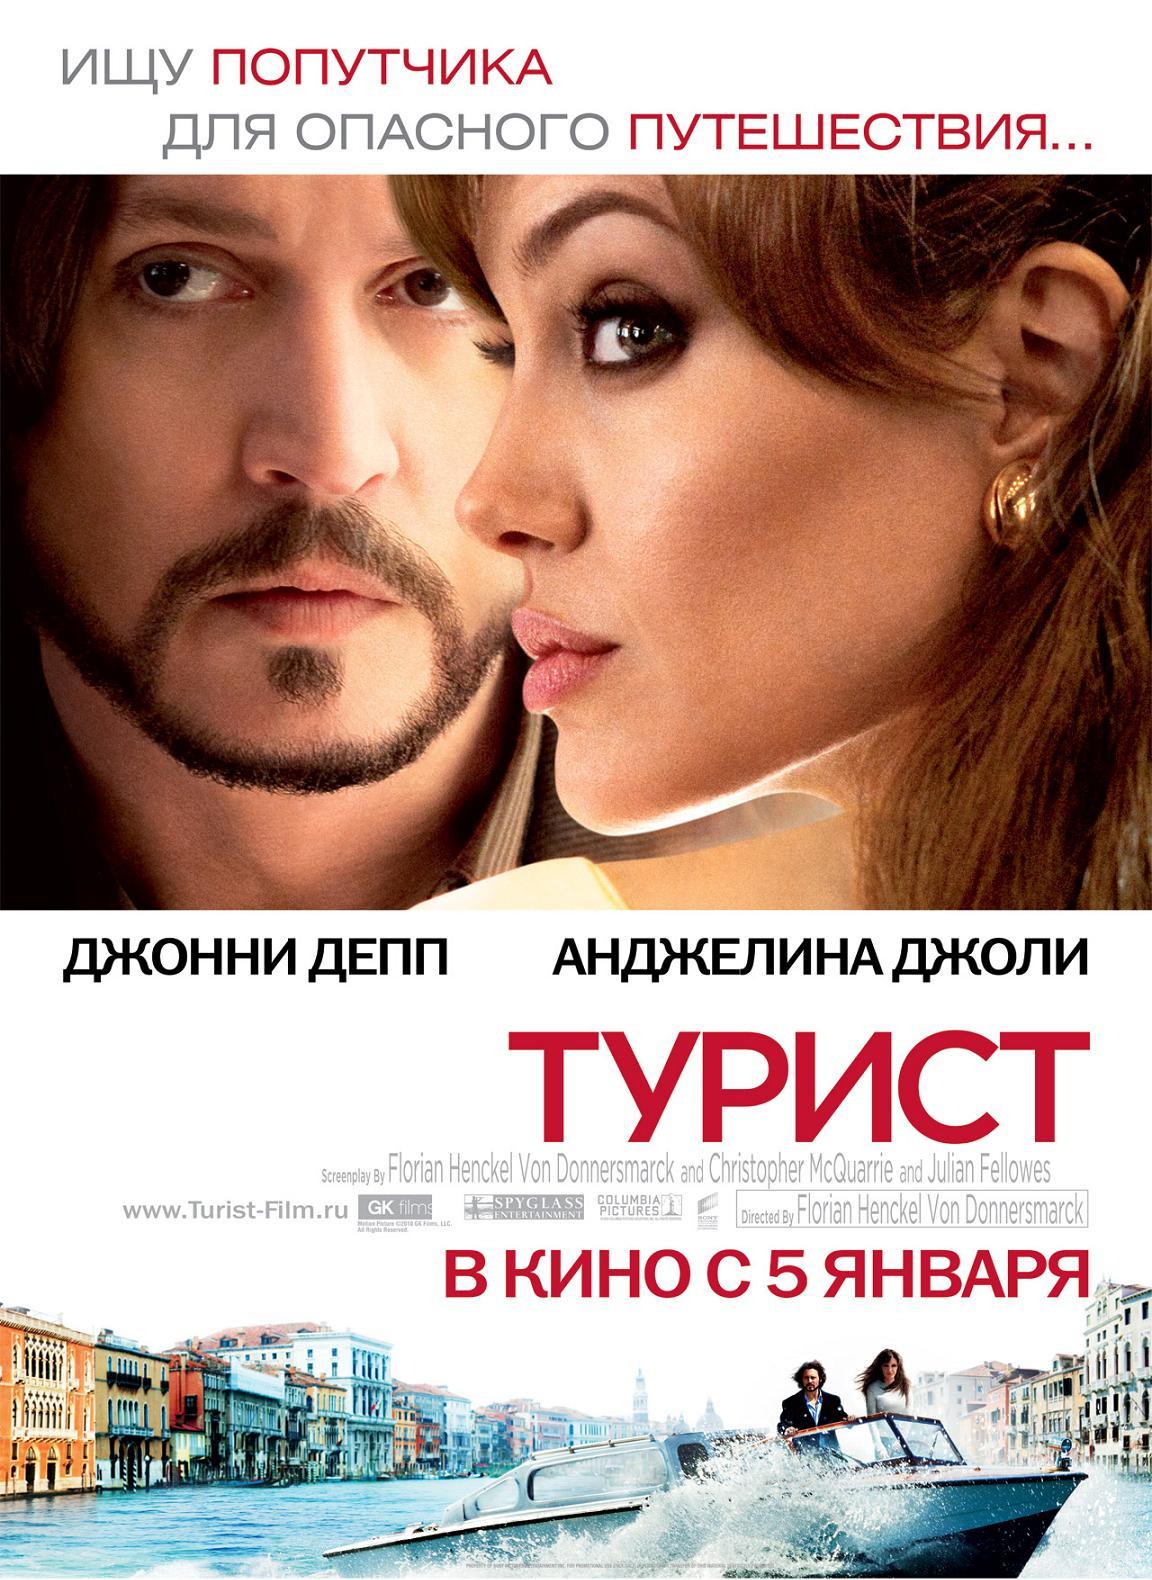 фильм про то как парень подменил подругу в отеле